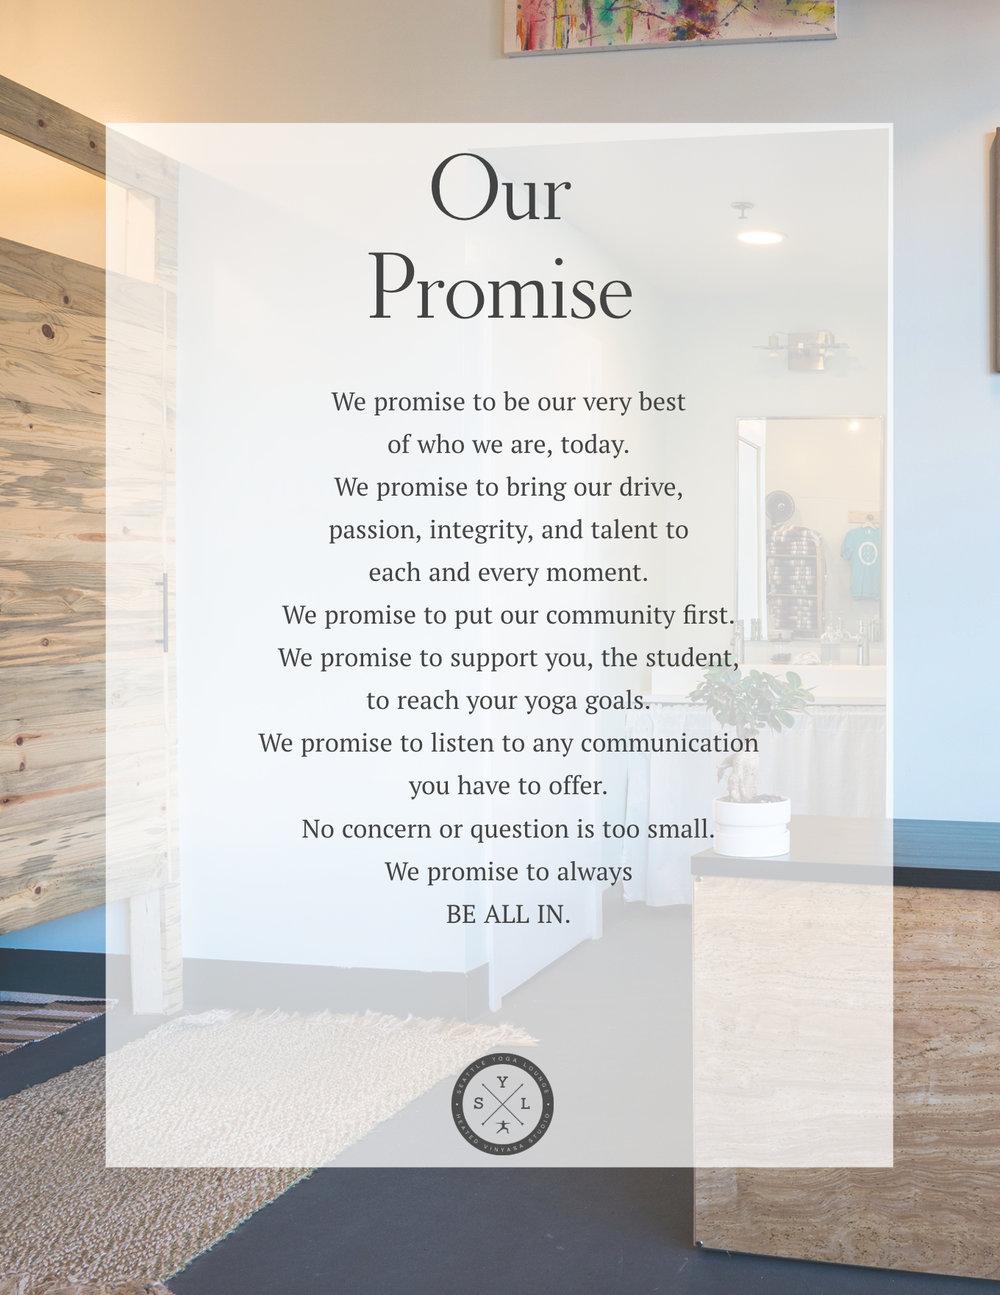 Our Promise 2.0 (1).jpg